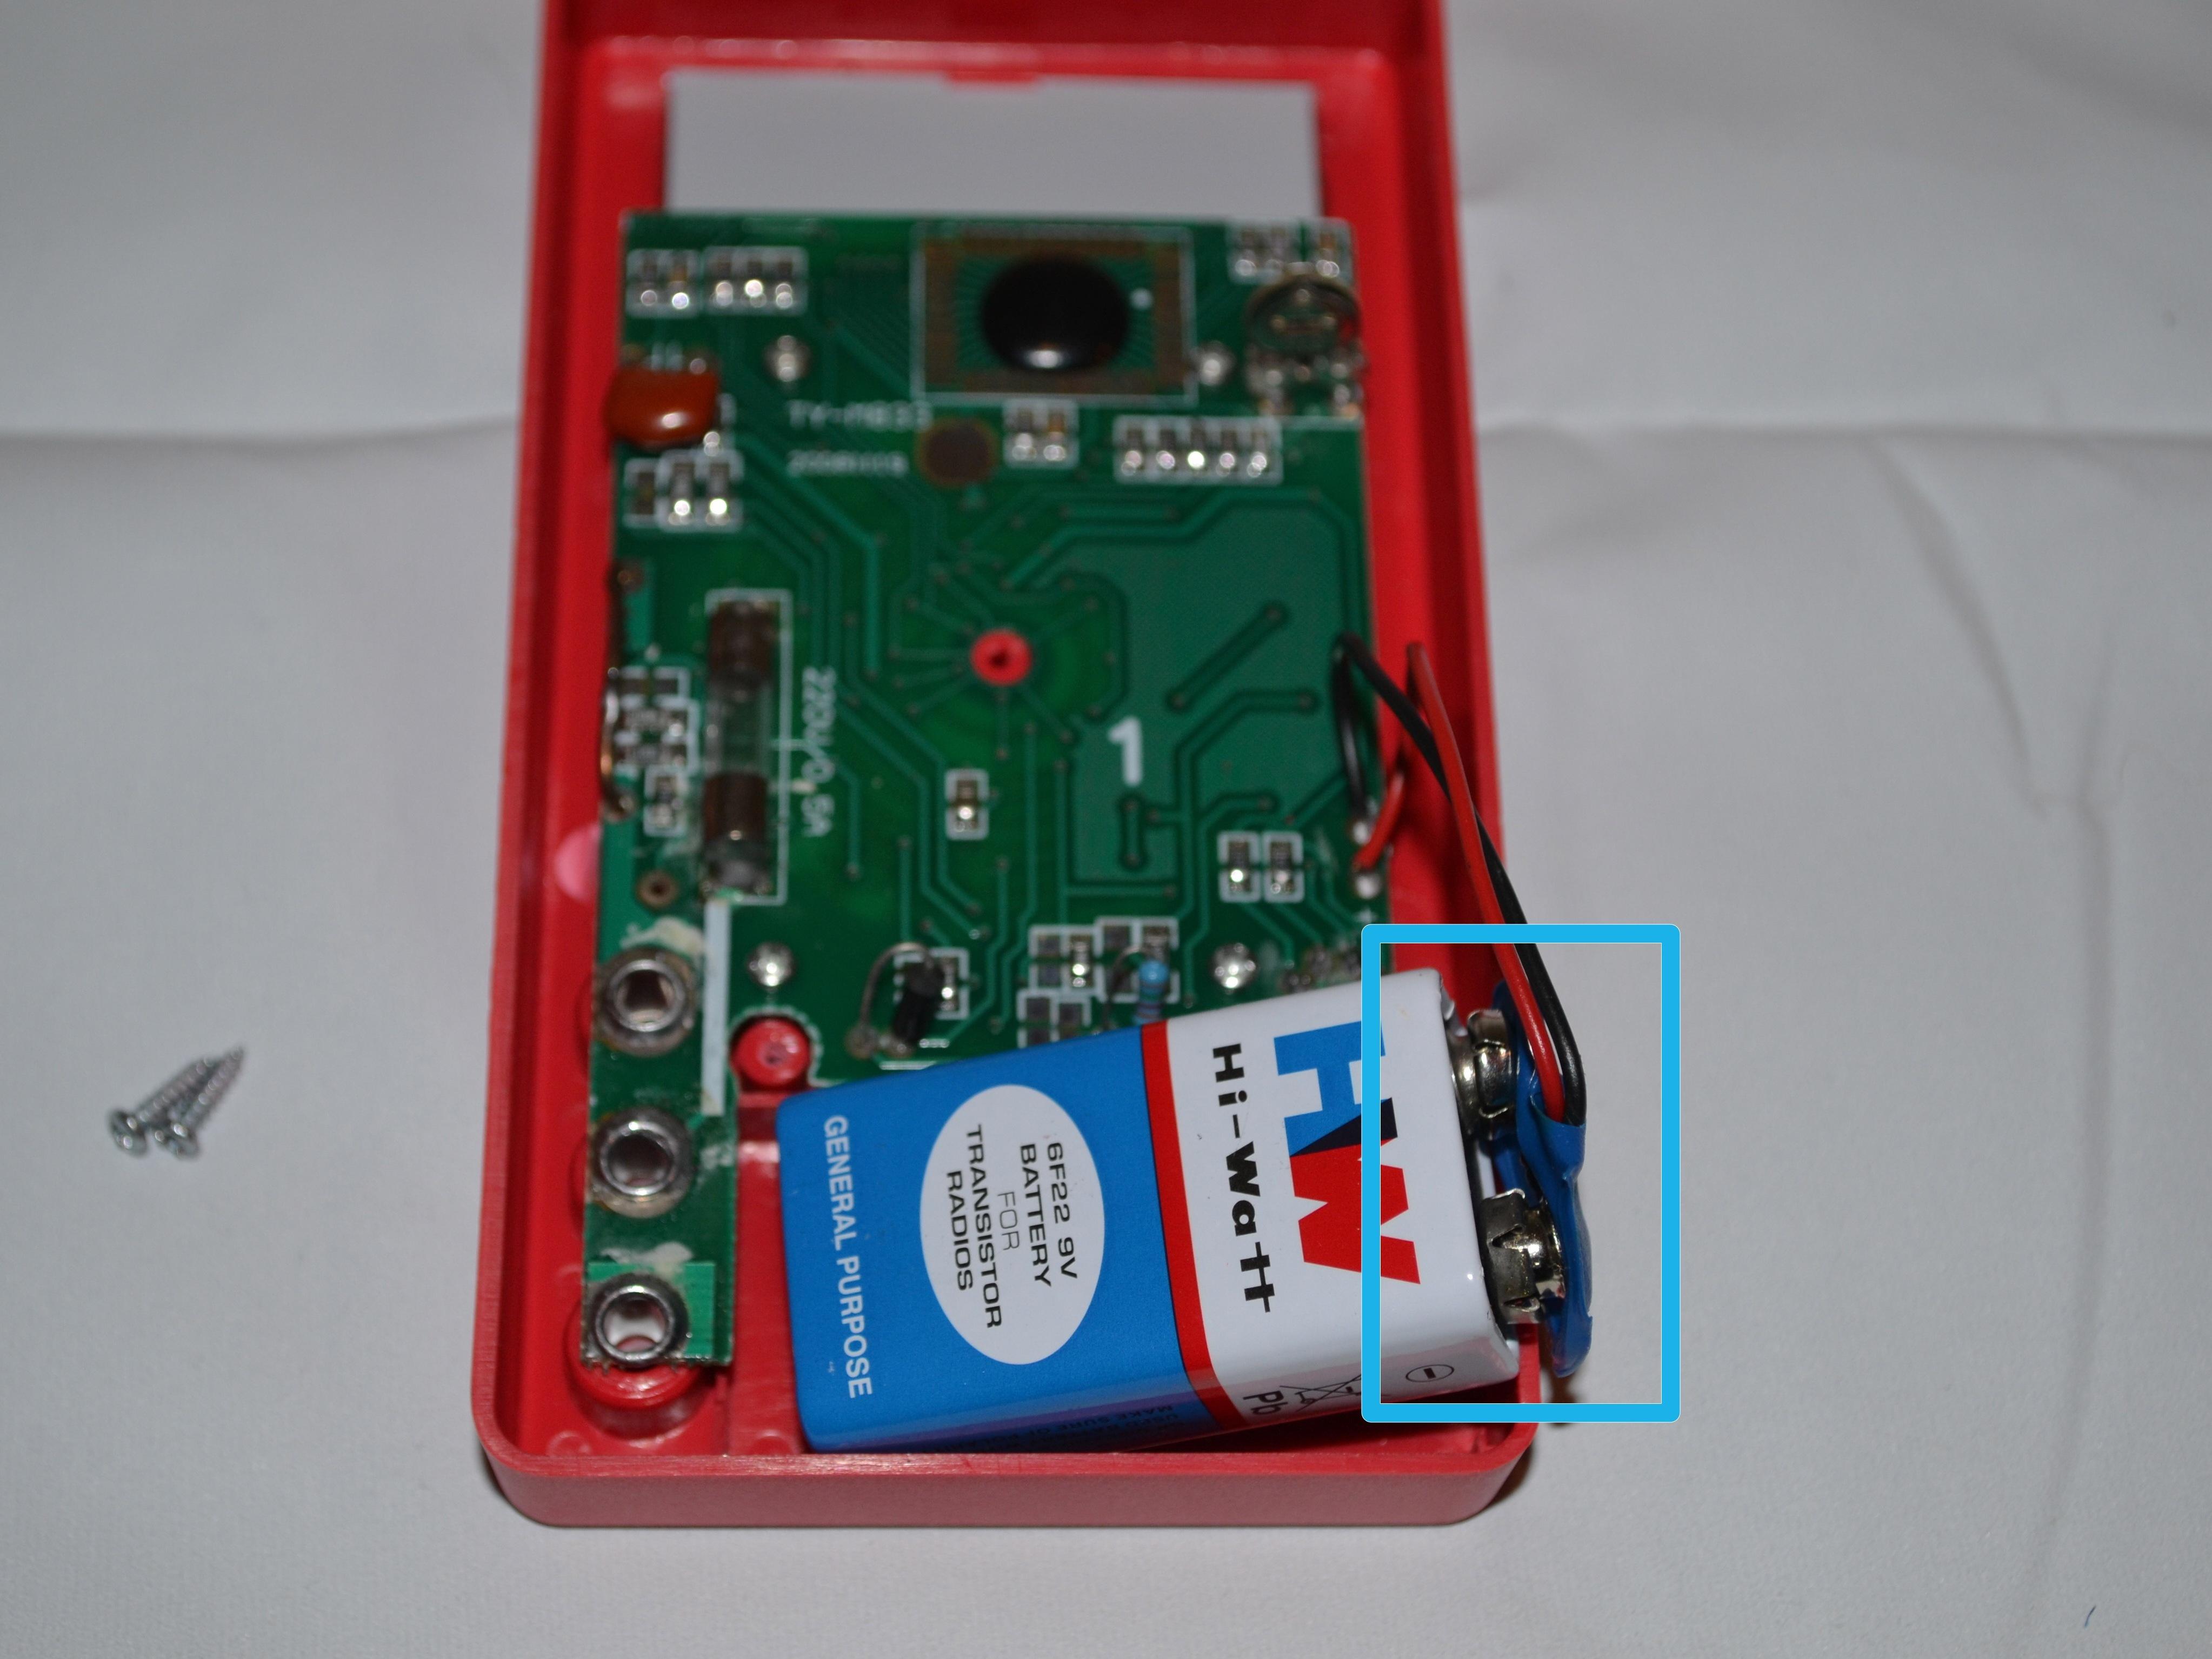 cen tech digital multimeter repair ifixit Telephone Punch Down Diagram